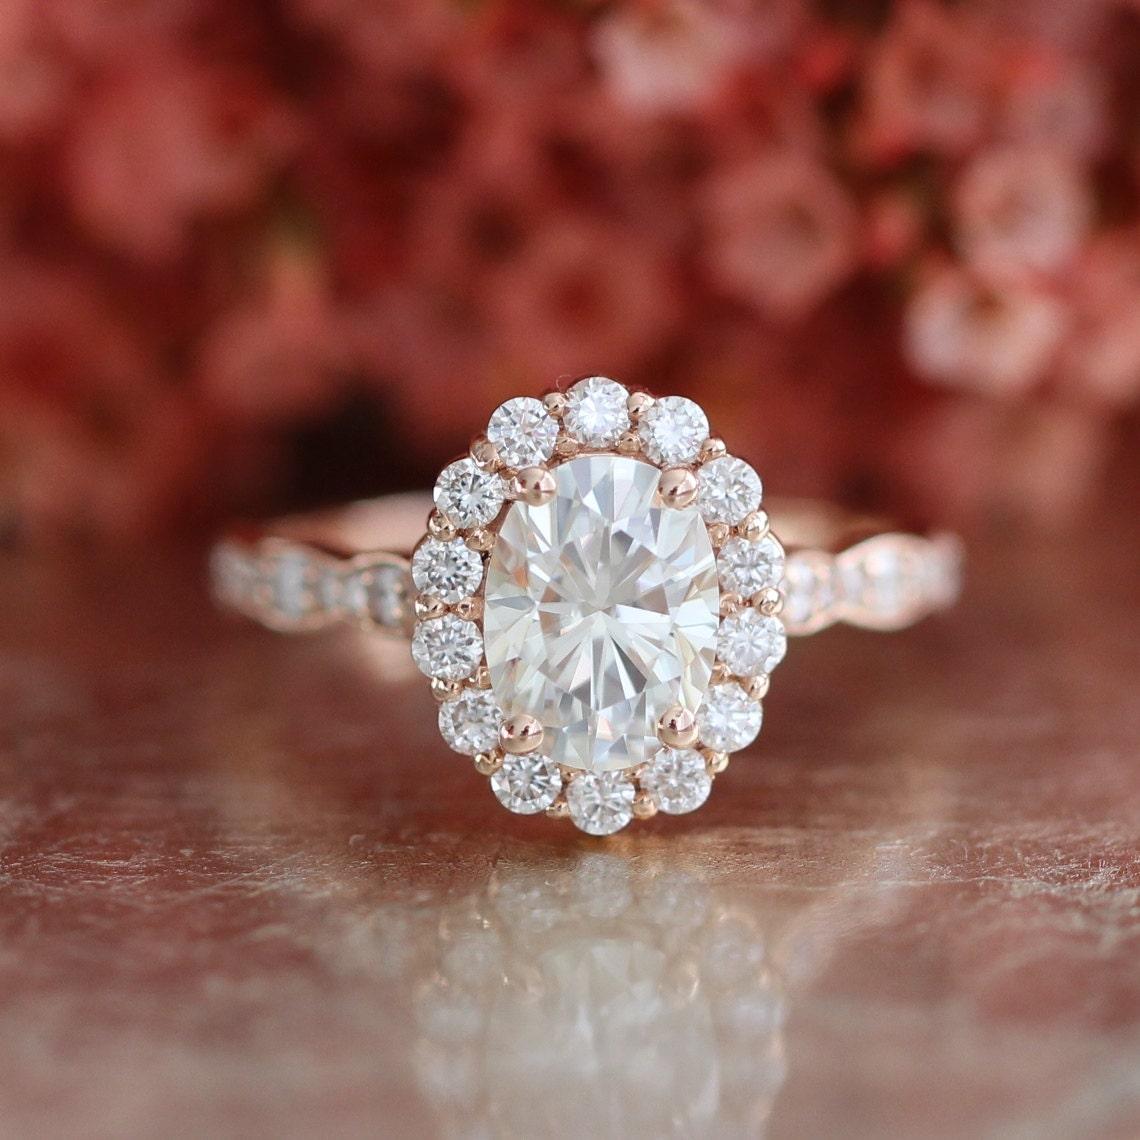 Halo Diamond Moissanite Engagement Ring in 14k Rose Gold